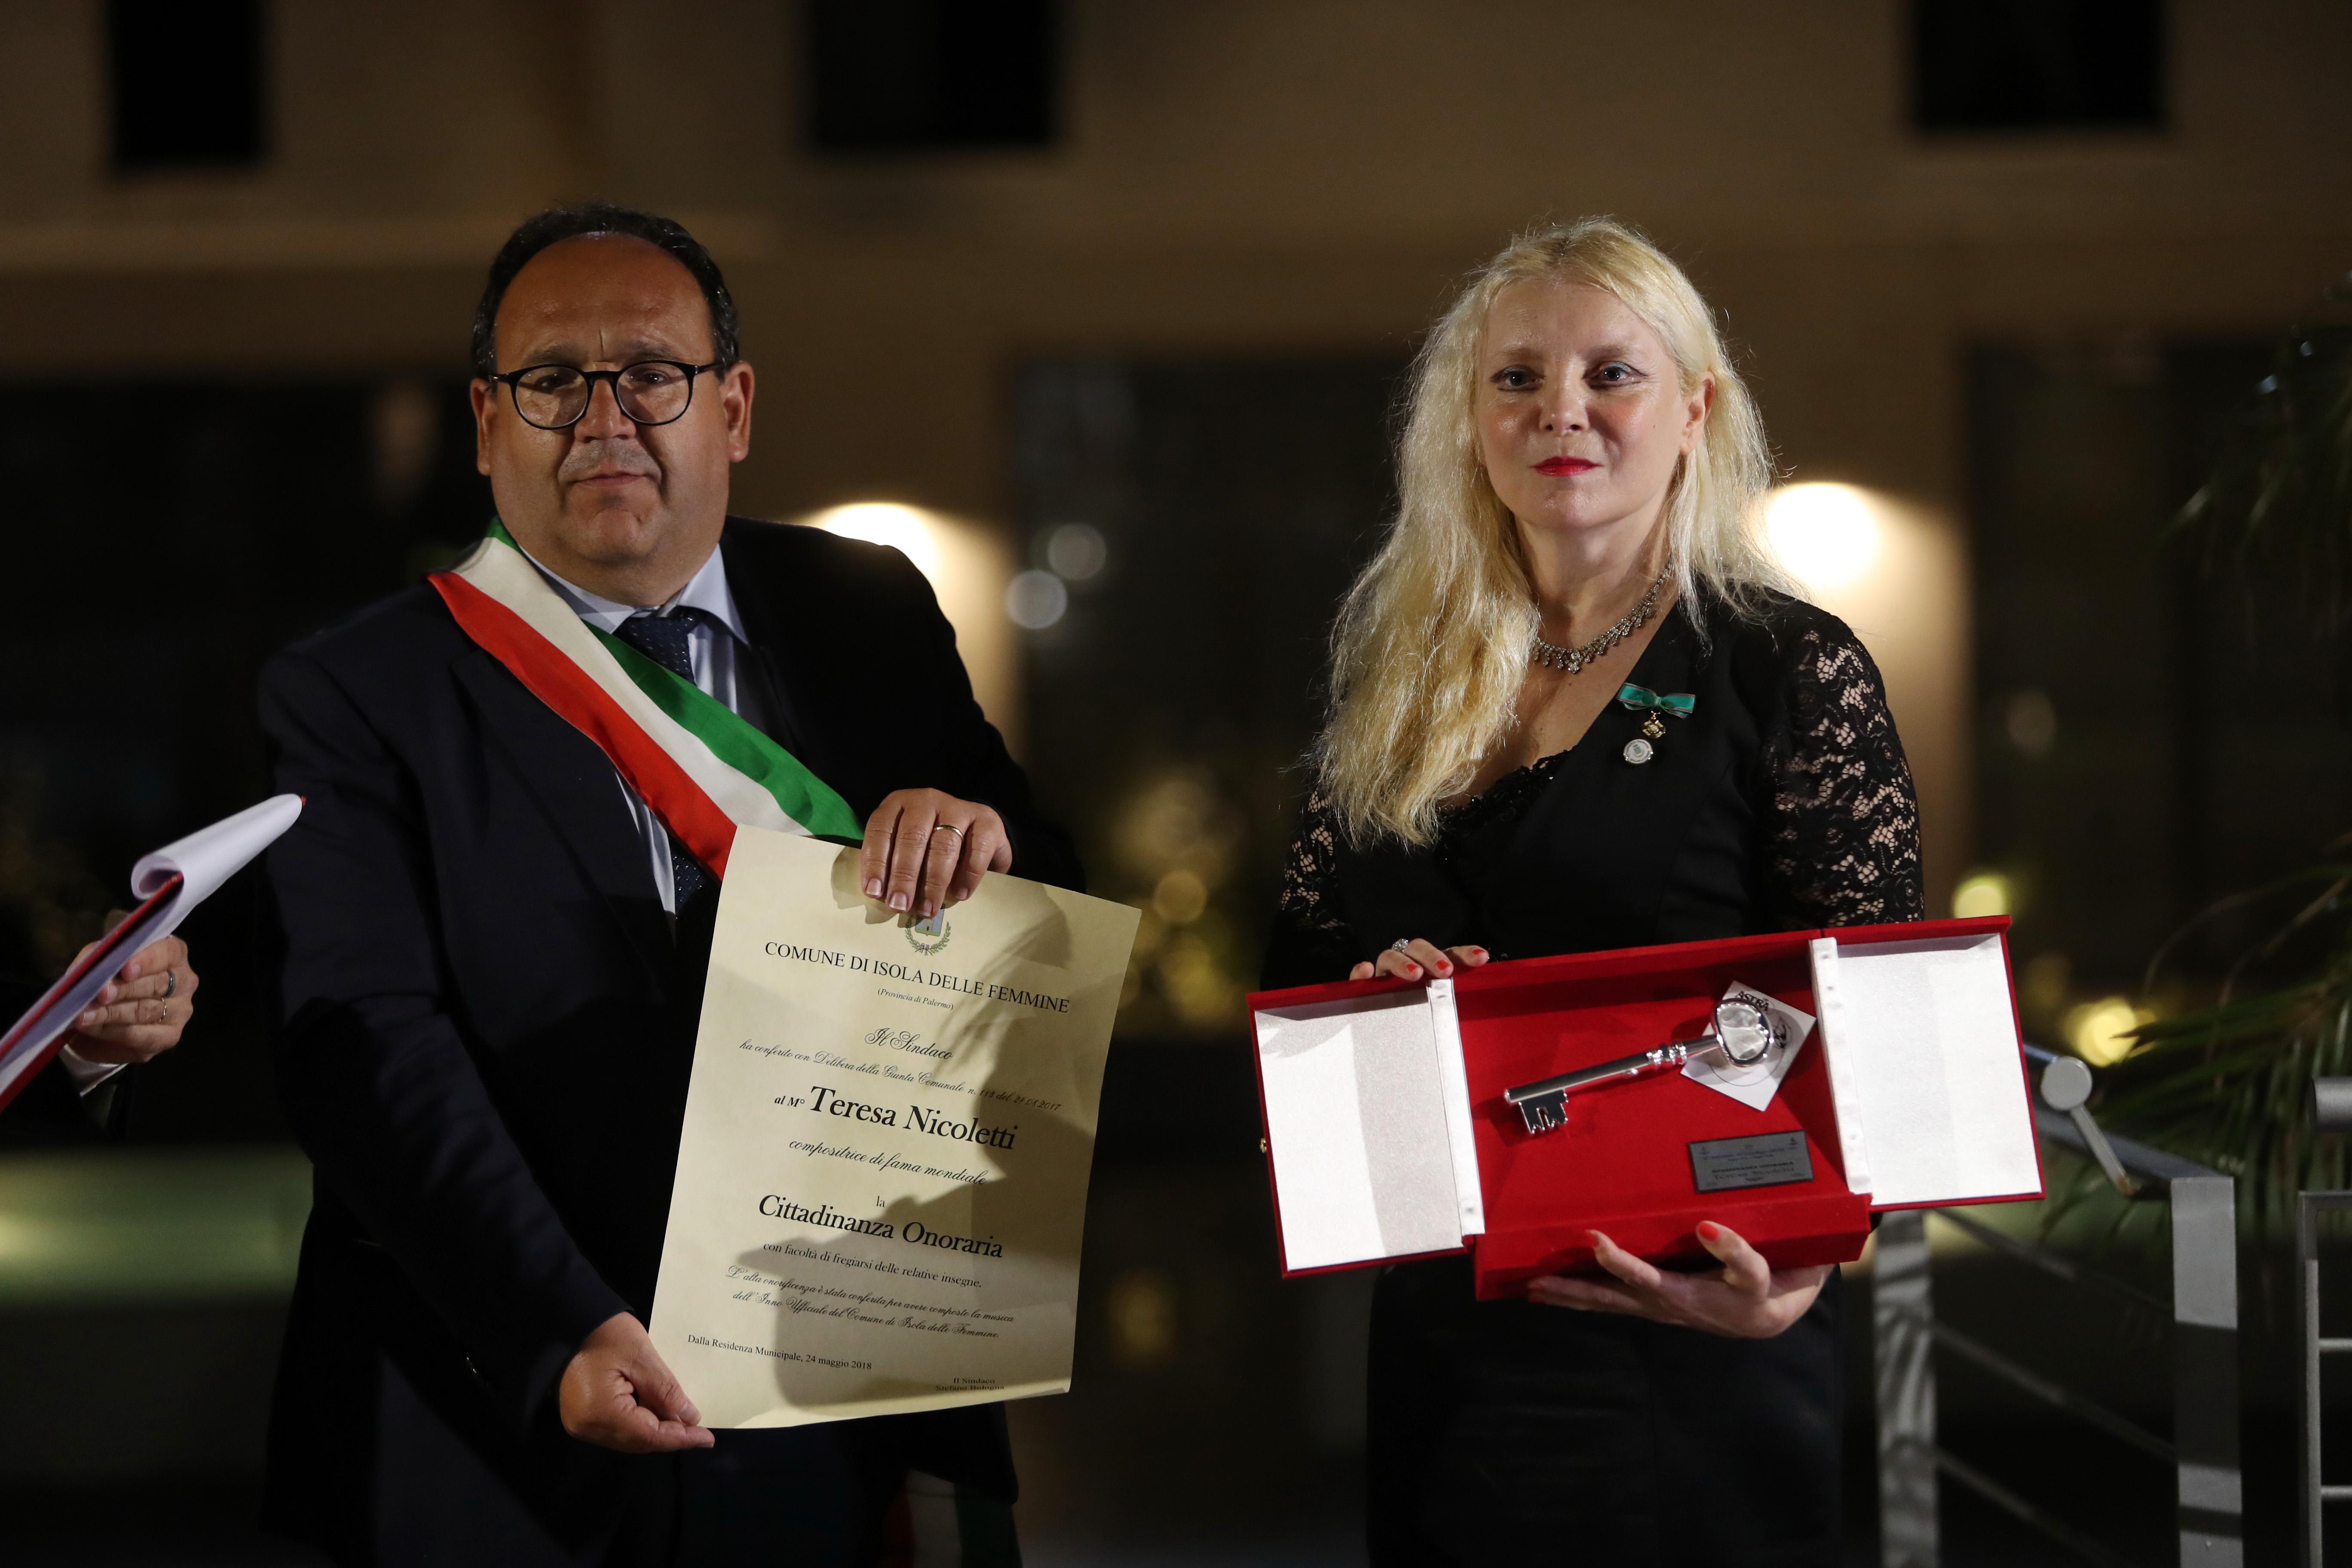 Conferita la cittadinanza onoraria a Teresa Nicoletti, la compositrice dell'inno di Isola delle Femmine